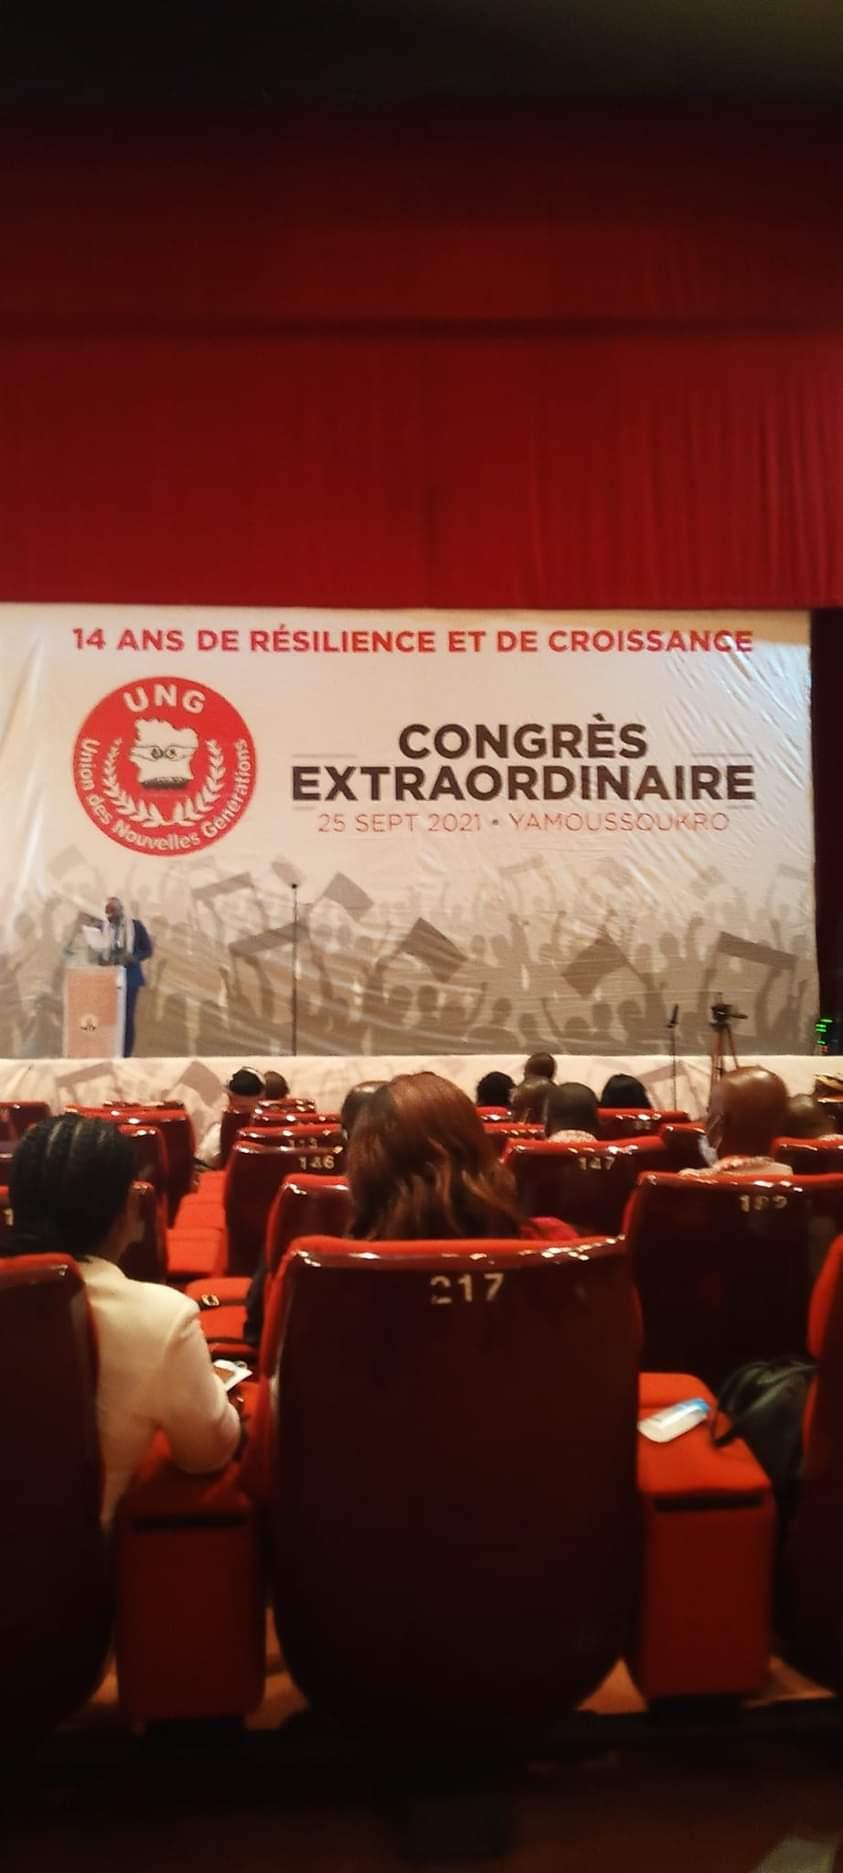 congres-extraordinaire-de-lunion-des-nouvelles-generations-plus-de-5000-delegues-prennent-dassaut-la-fondation-felix-houphouet-boigny-de-yamoussoukro